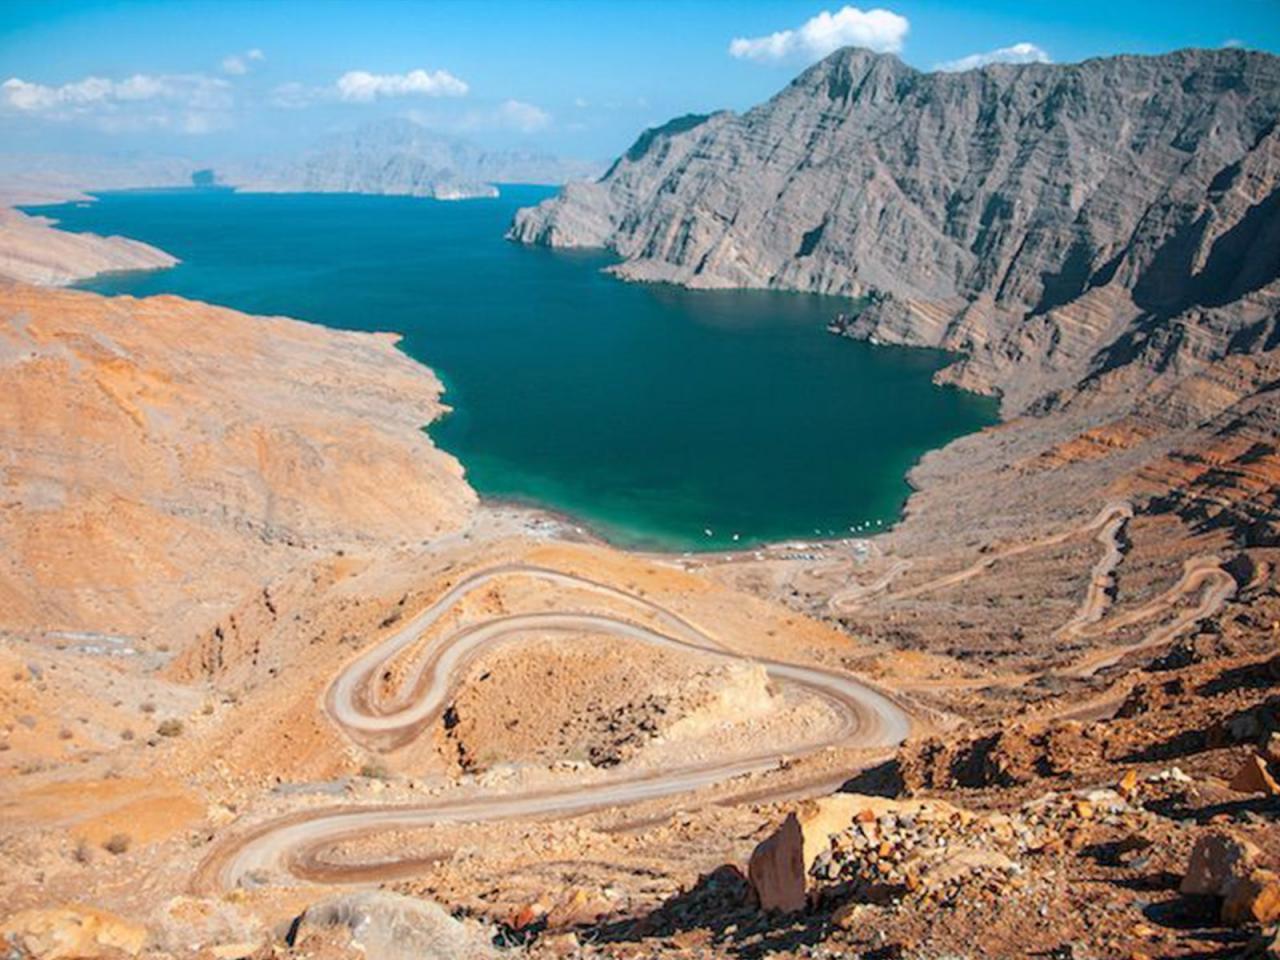 مسَندَم، واقع در بخش شمالی کشور عمان